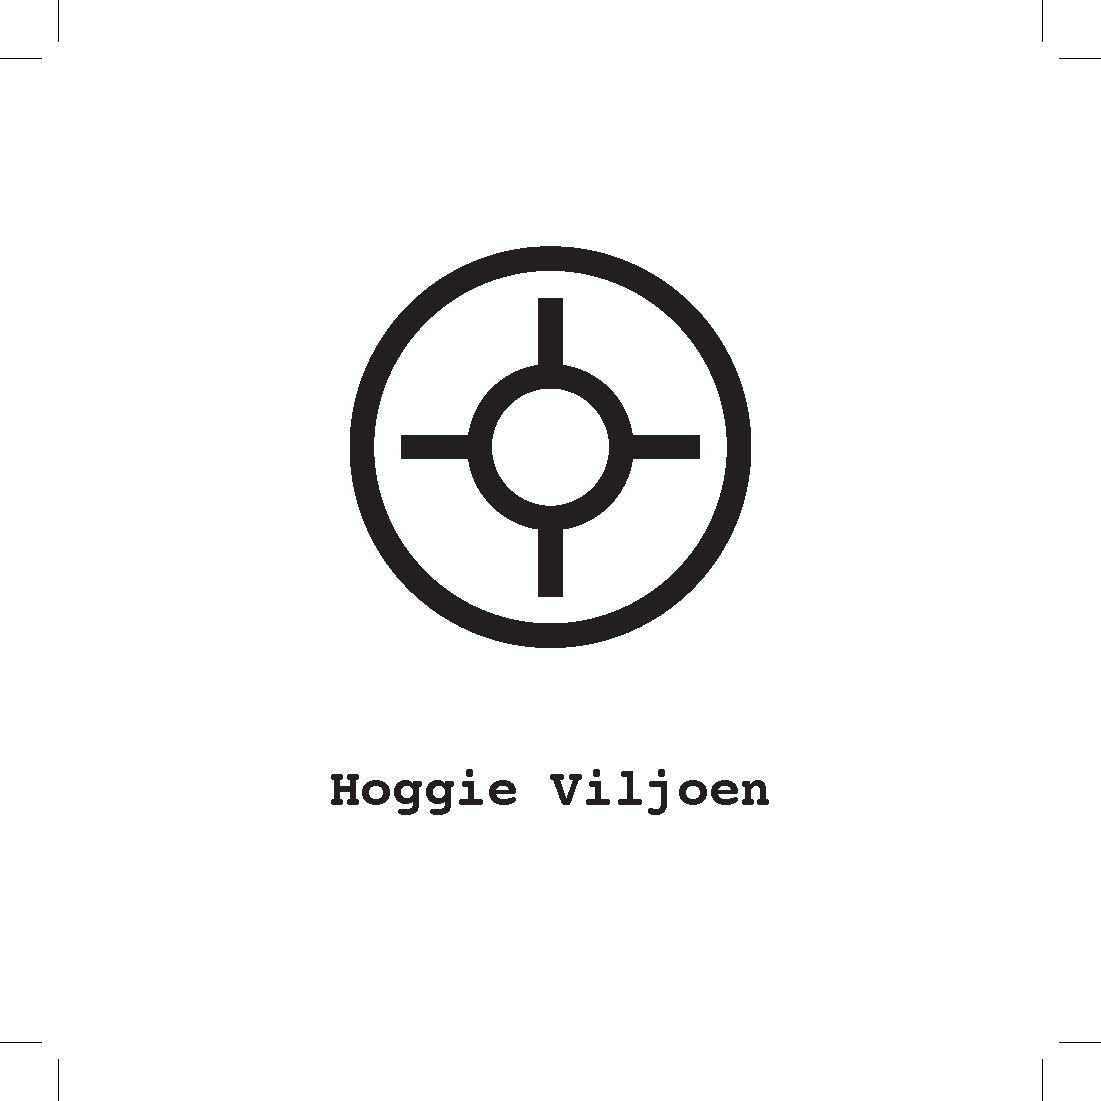 MAP Southafrica - Hoggie Viljoen